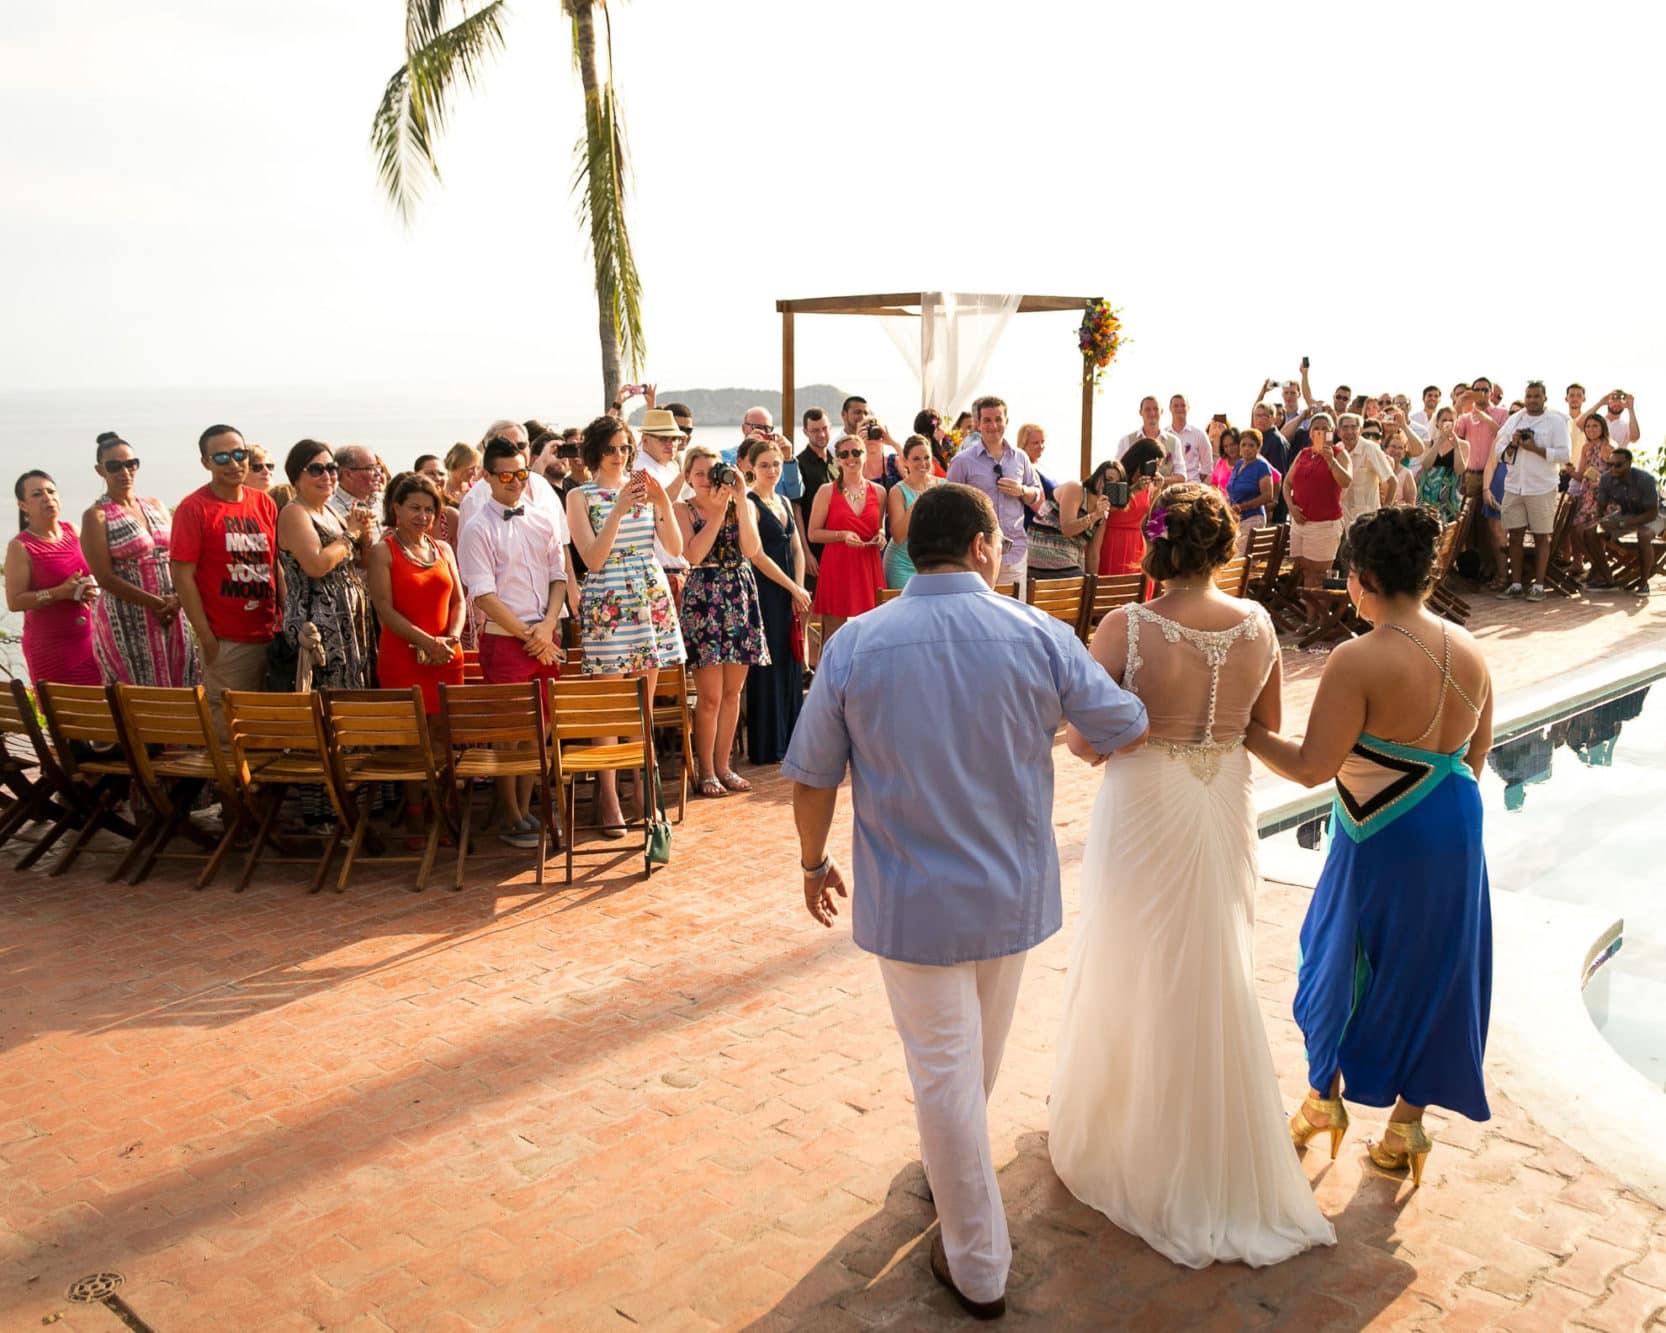 Bride's walk at wedding